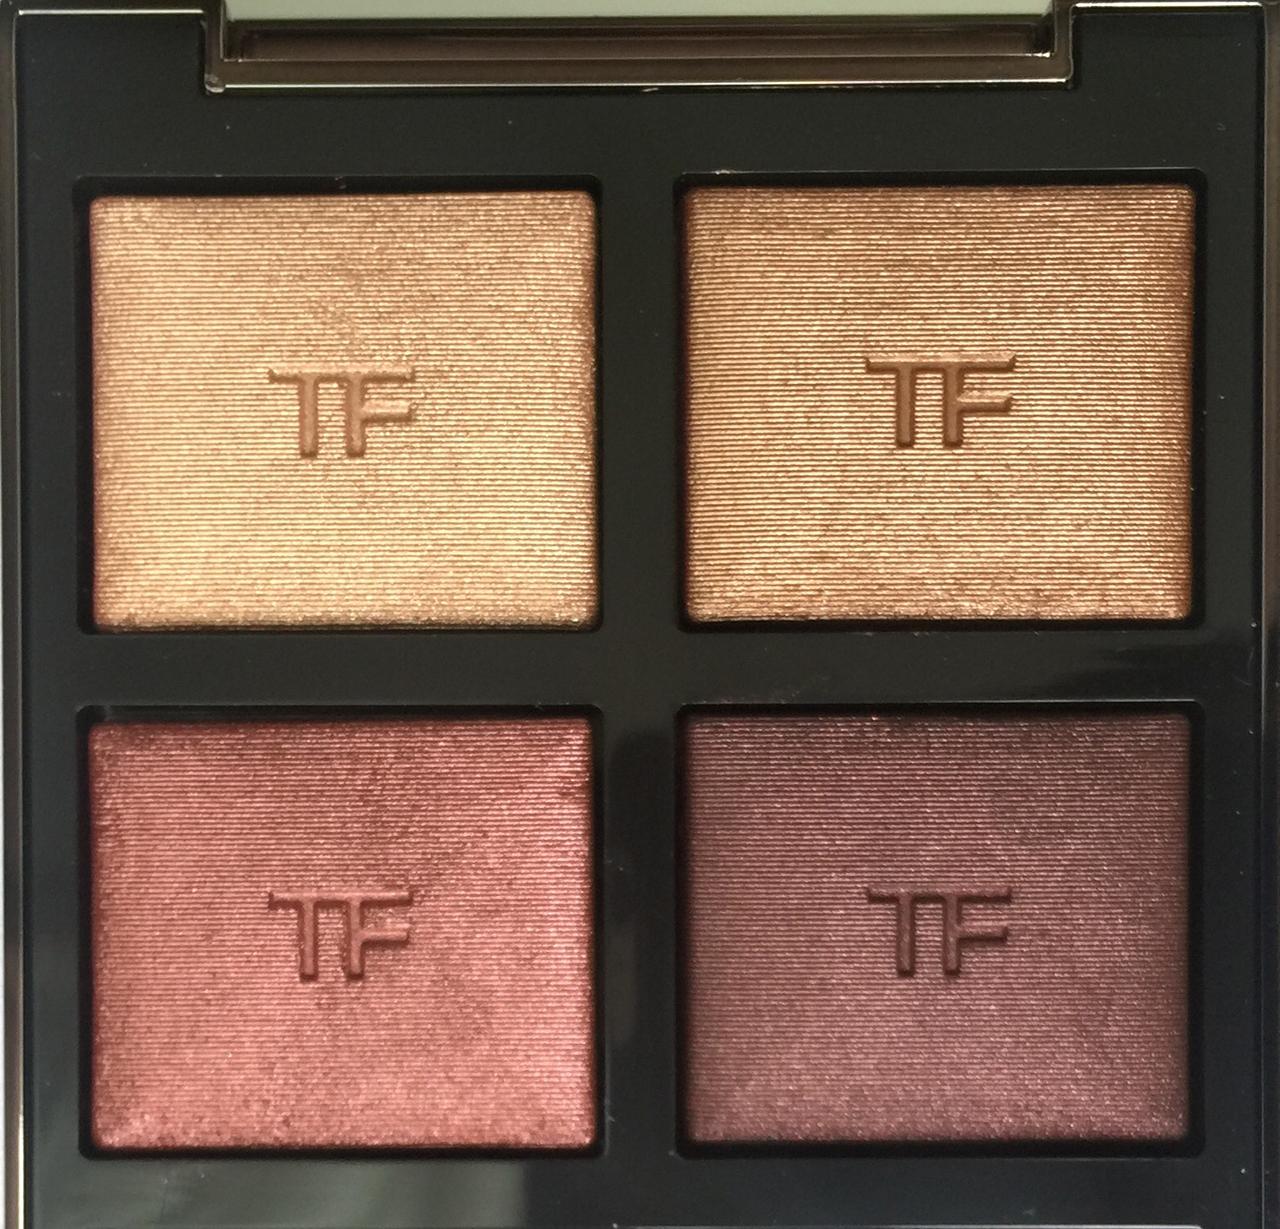 Tom Ford Honeymoon Eye Color Quad closeup